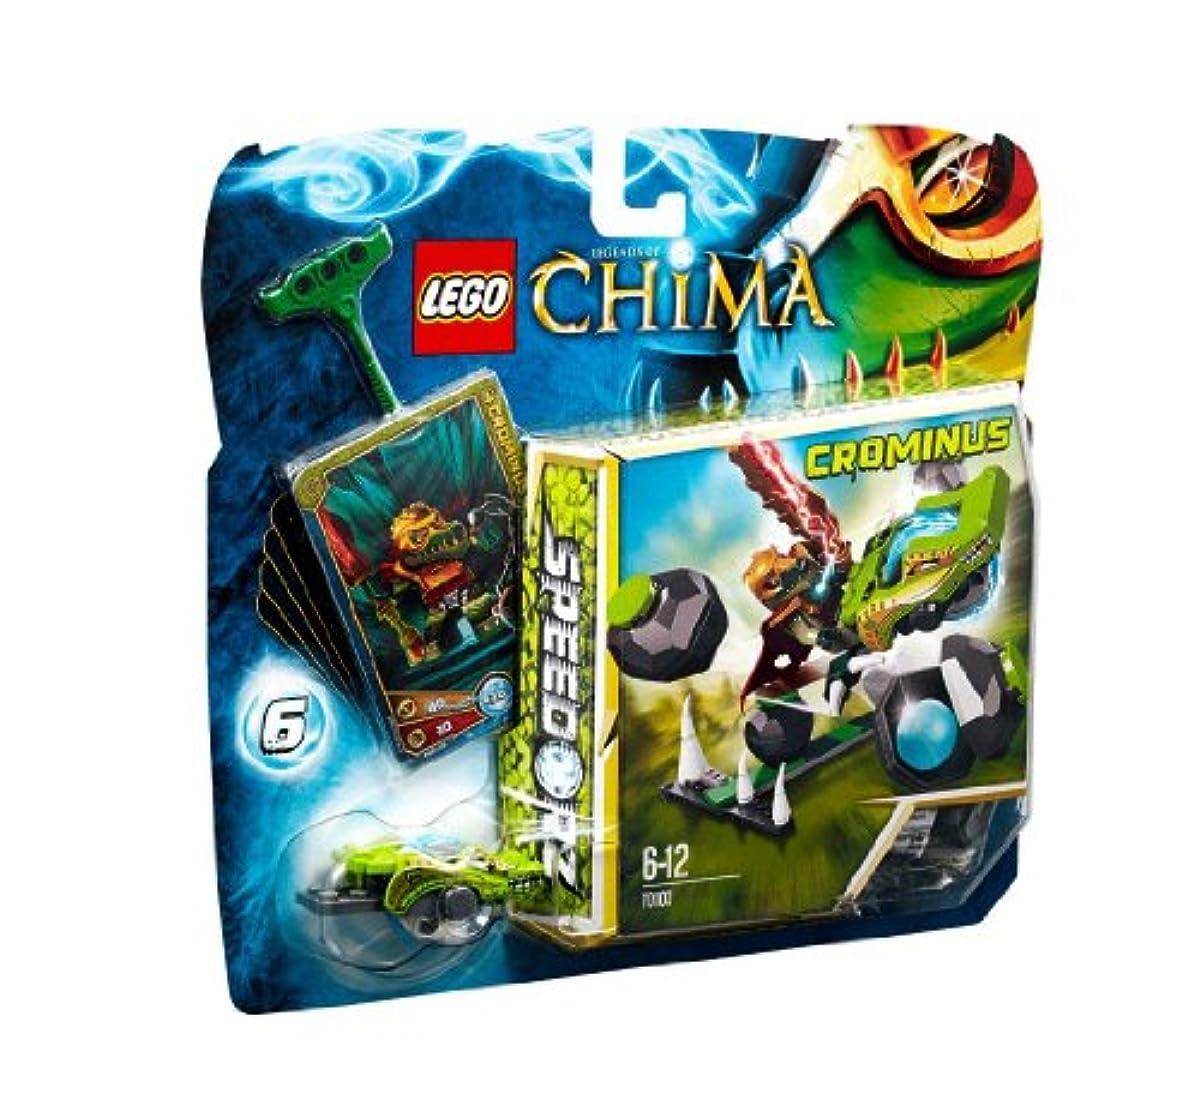 [해외] 레고 (LEGO) 찌마 볼다볼링 70103 (2013-03-01)